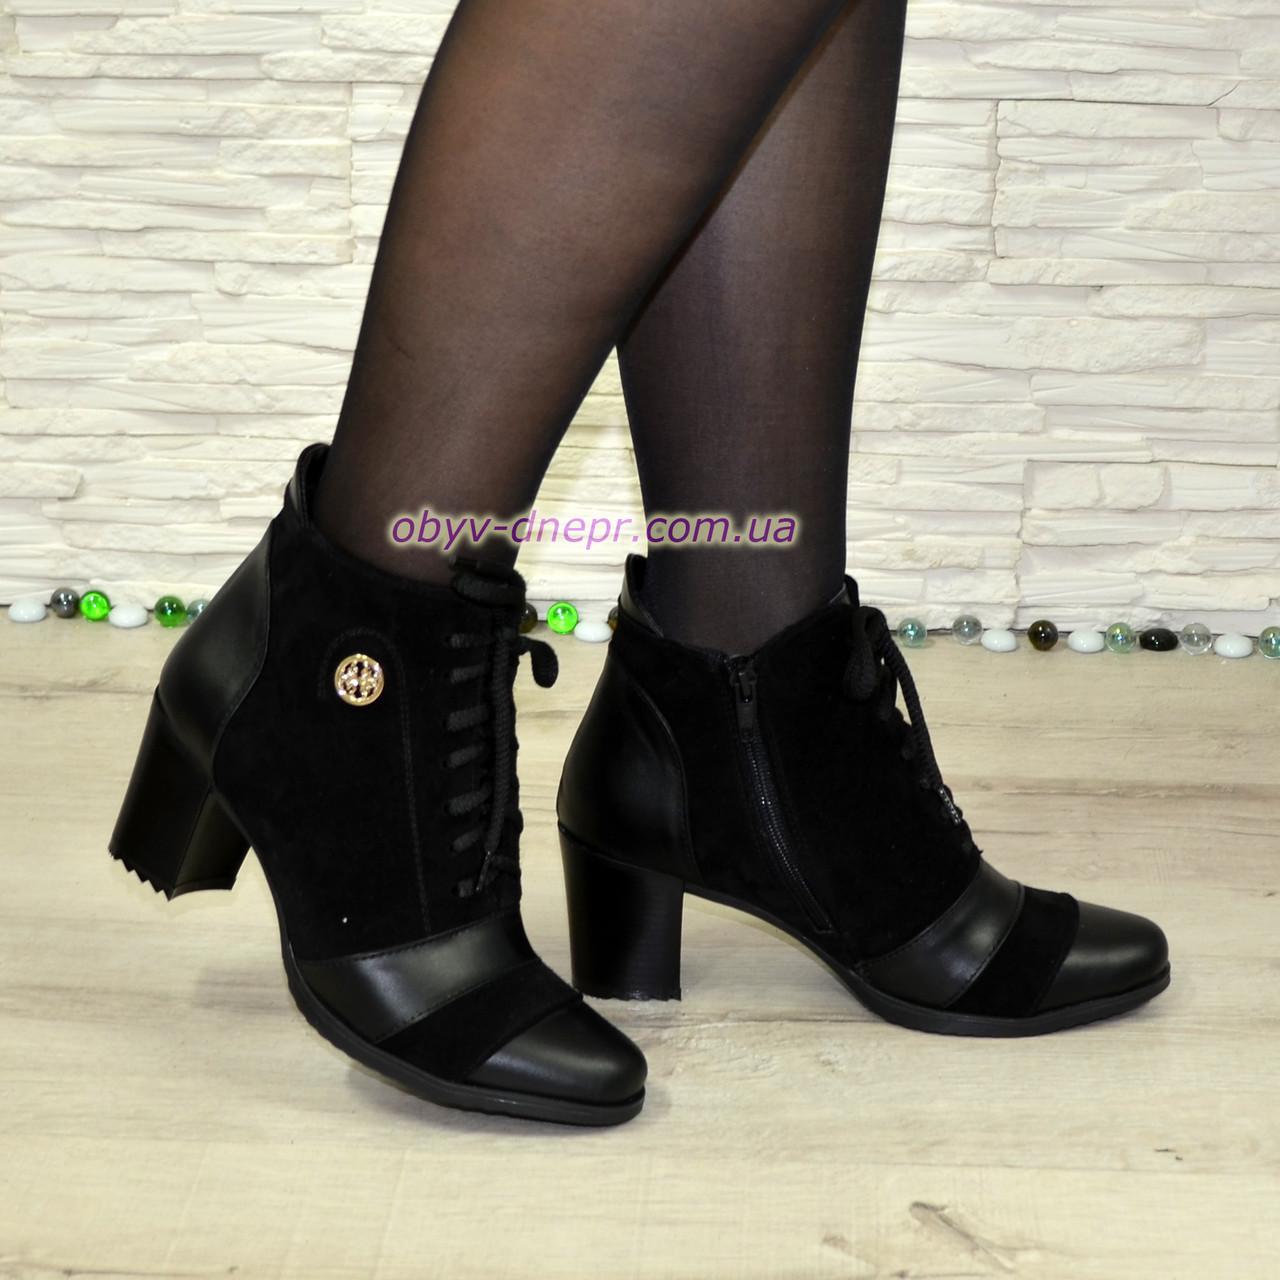 c683e8898 Женские зимние черные ботинки из натуральной замши и кожи, на шнуровке,  устойчивый каблук ...